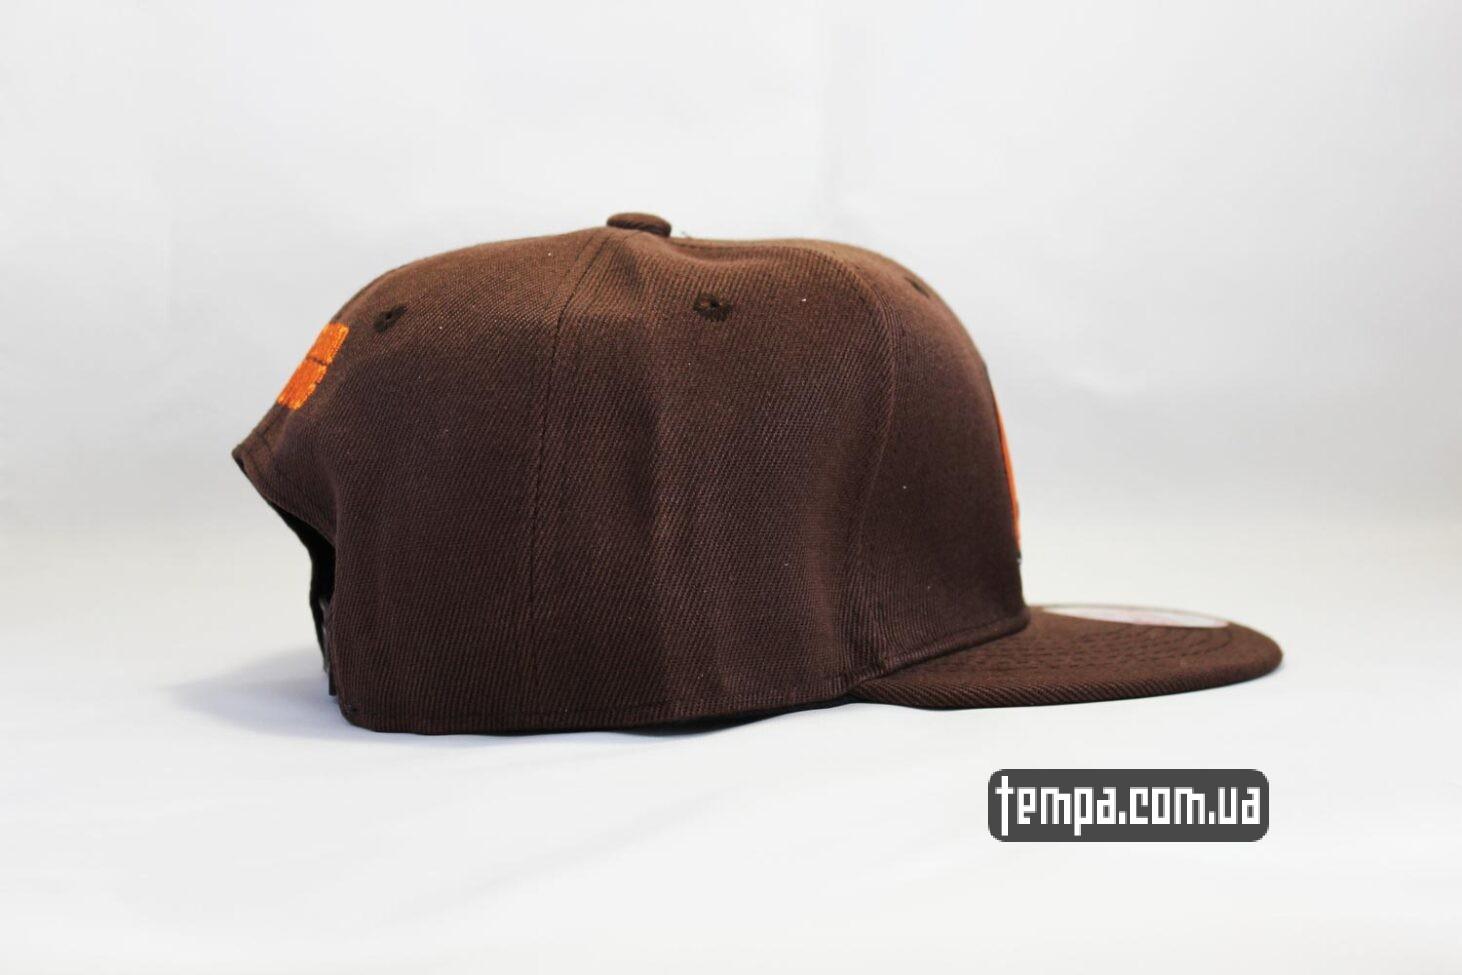 коричневая бейсболка кепка Snapback American Football Регби New Era купить Украина